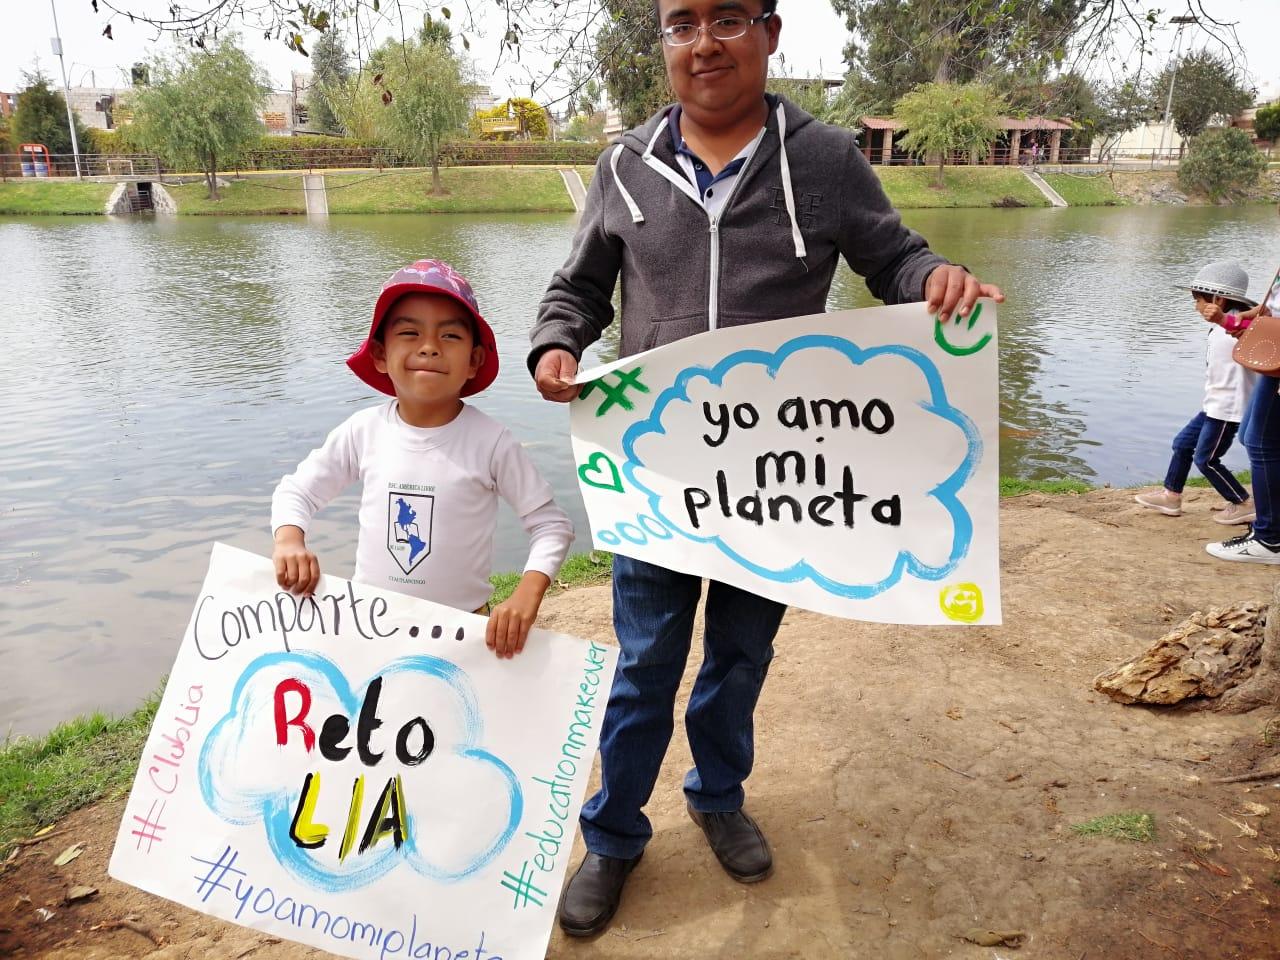 Reto LIA, 3ro de Preescolar